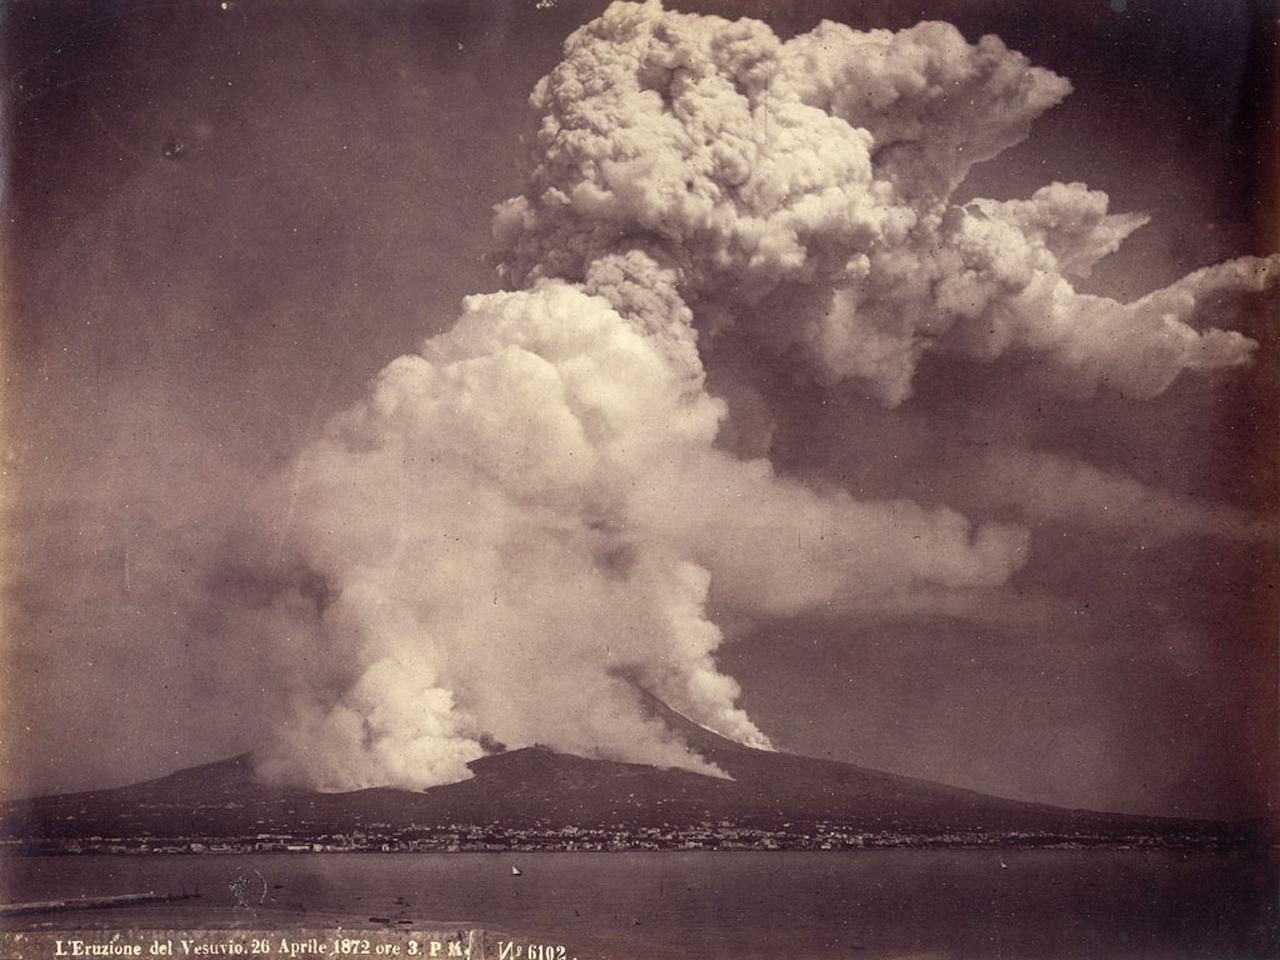 Fotografía de una erupción del Vesubio el 26 de Abril de 1872